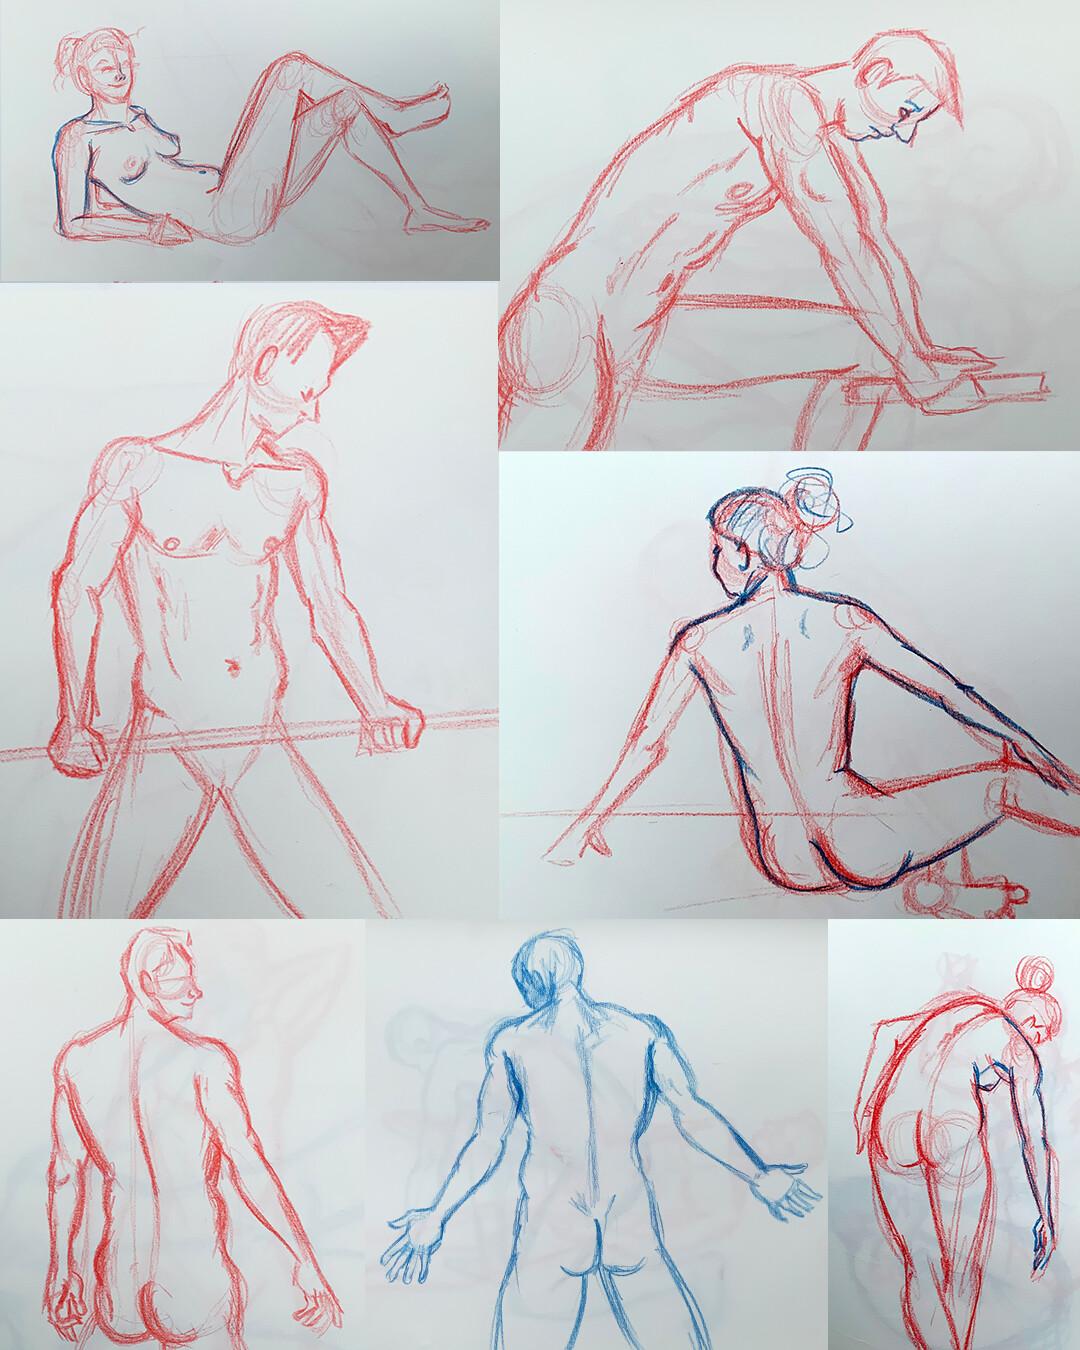 Gesture Drawings III